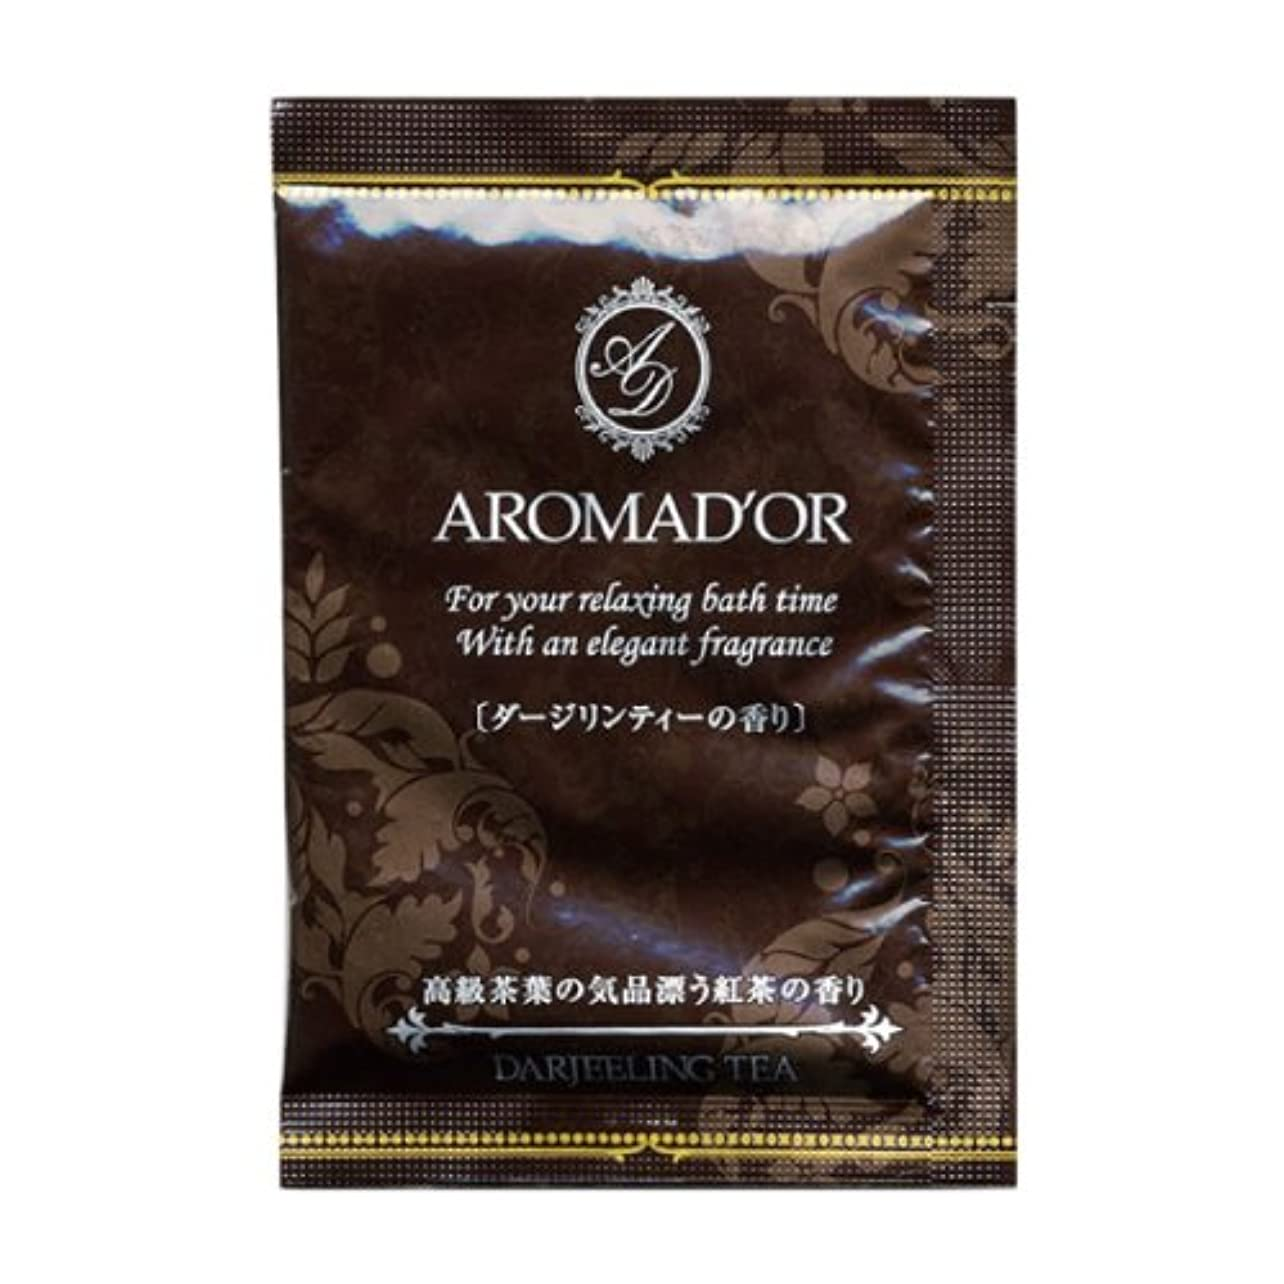 サーキュレーション権威温度アロマドール入浴剤 ダージリンティーの香り 12包